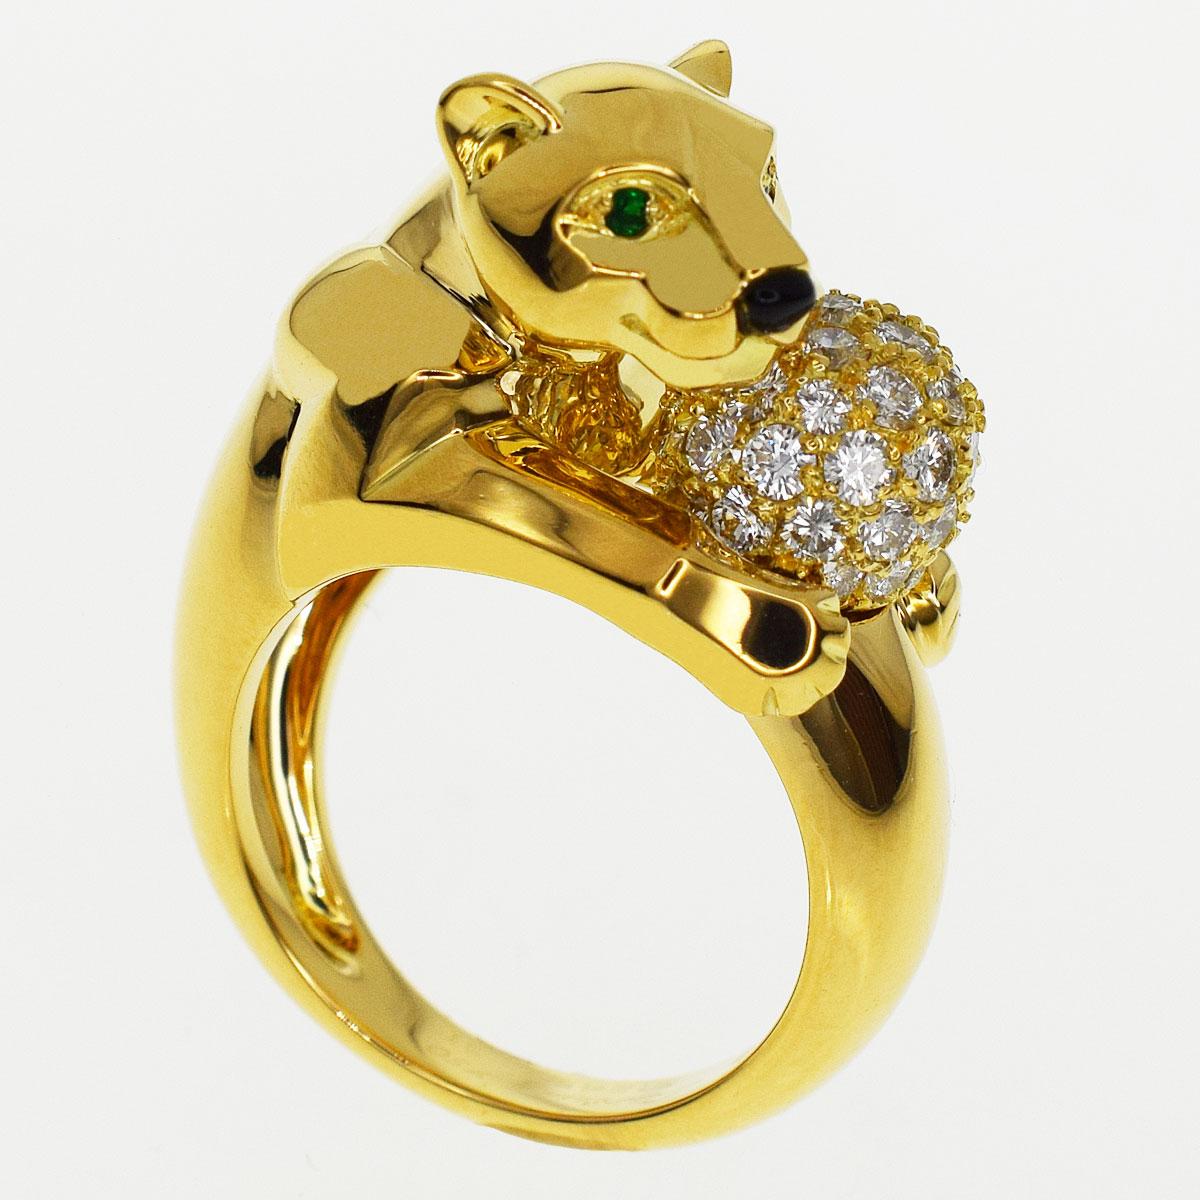 Cartier カルティエ パンテール ヴェドラ ダイヤ リング エメラルド オニキス 750 K18 YG イエローゴールド 日本サイズ約11号 ♯51【送料無料】【代引き手数料無料】レディース 指輪 パンサー【中古】32130216